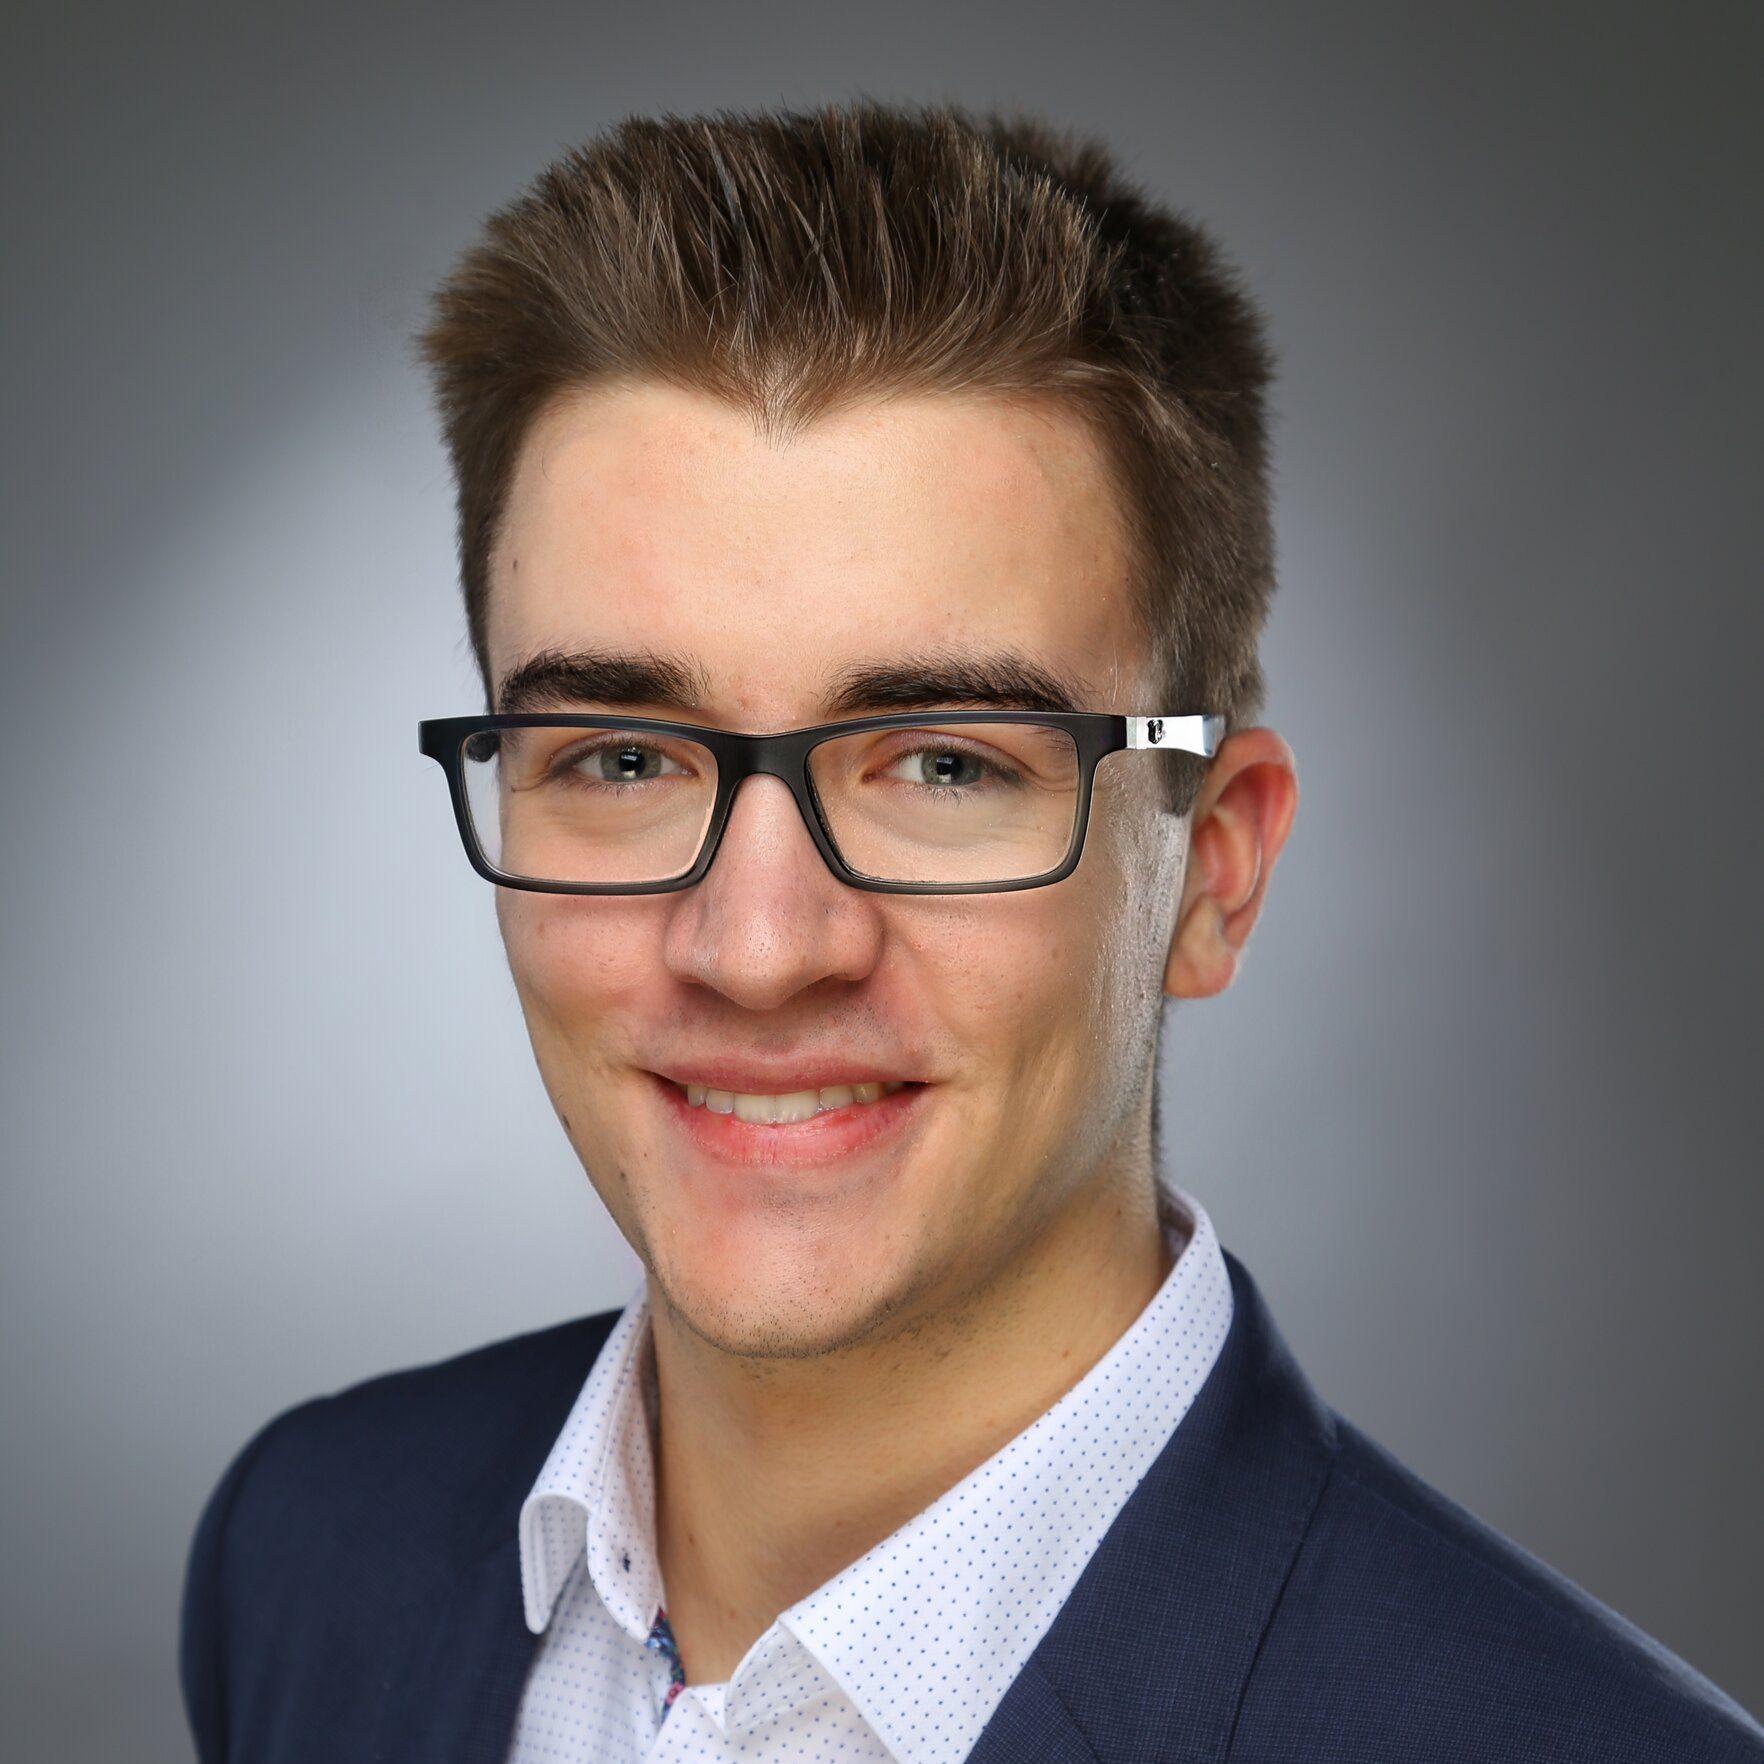 Lukas Fruntke